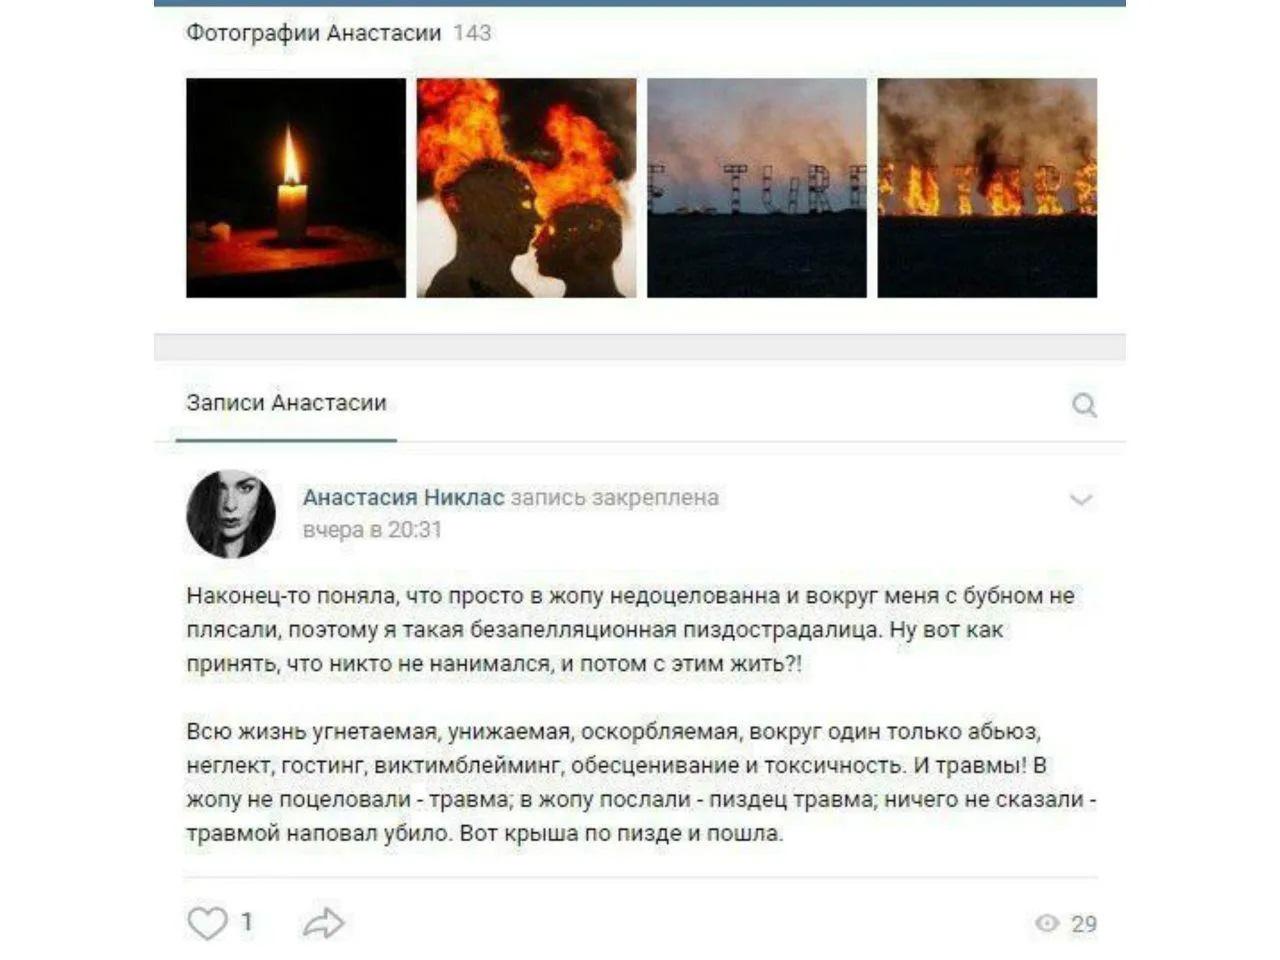 Самосожжение в Запорожье: девушка была красавицей и жаловалась на абьюз (ФОТО) - фото 2